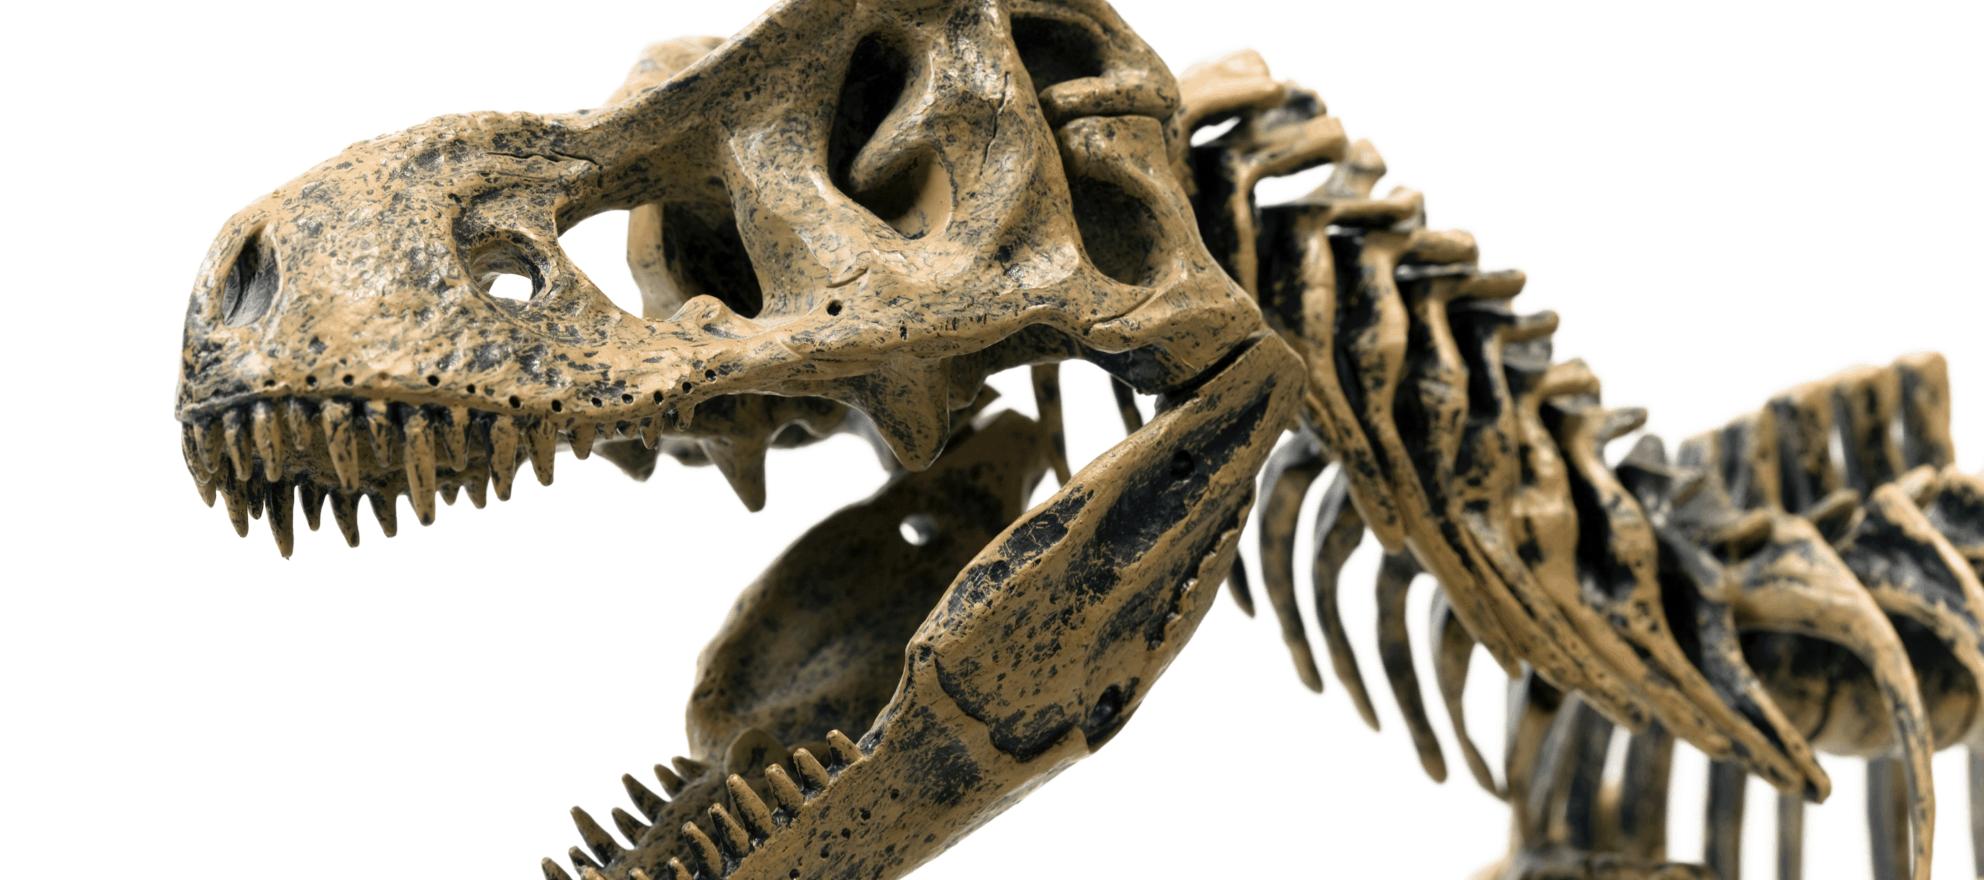 Next big luxury design trend? Think dinosaur fossils